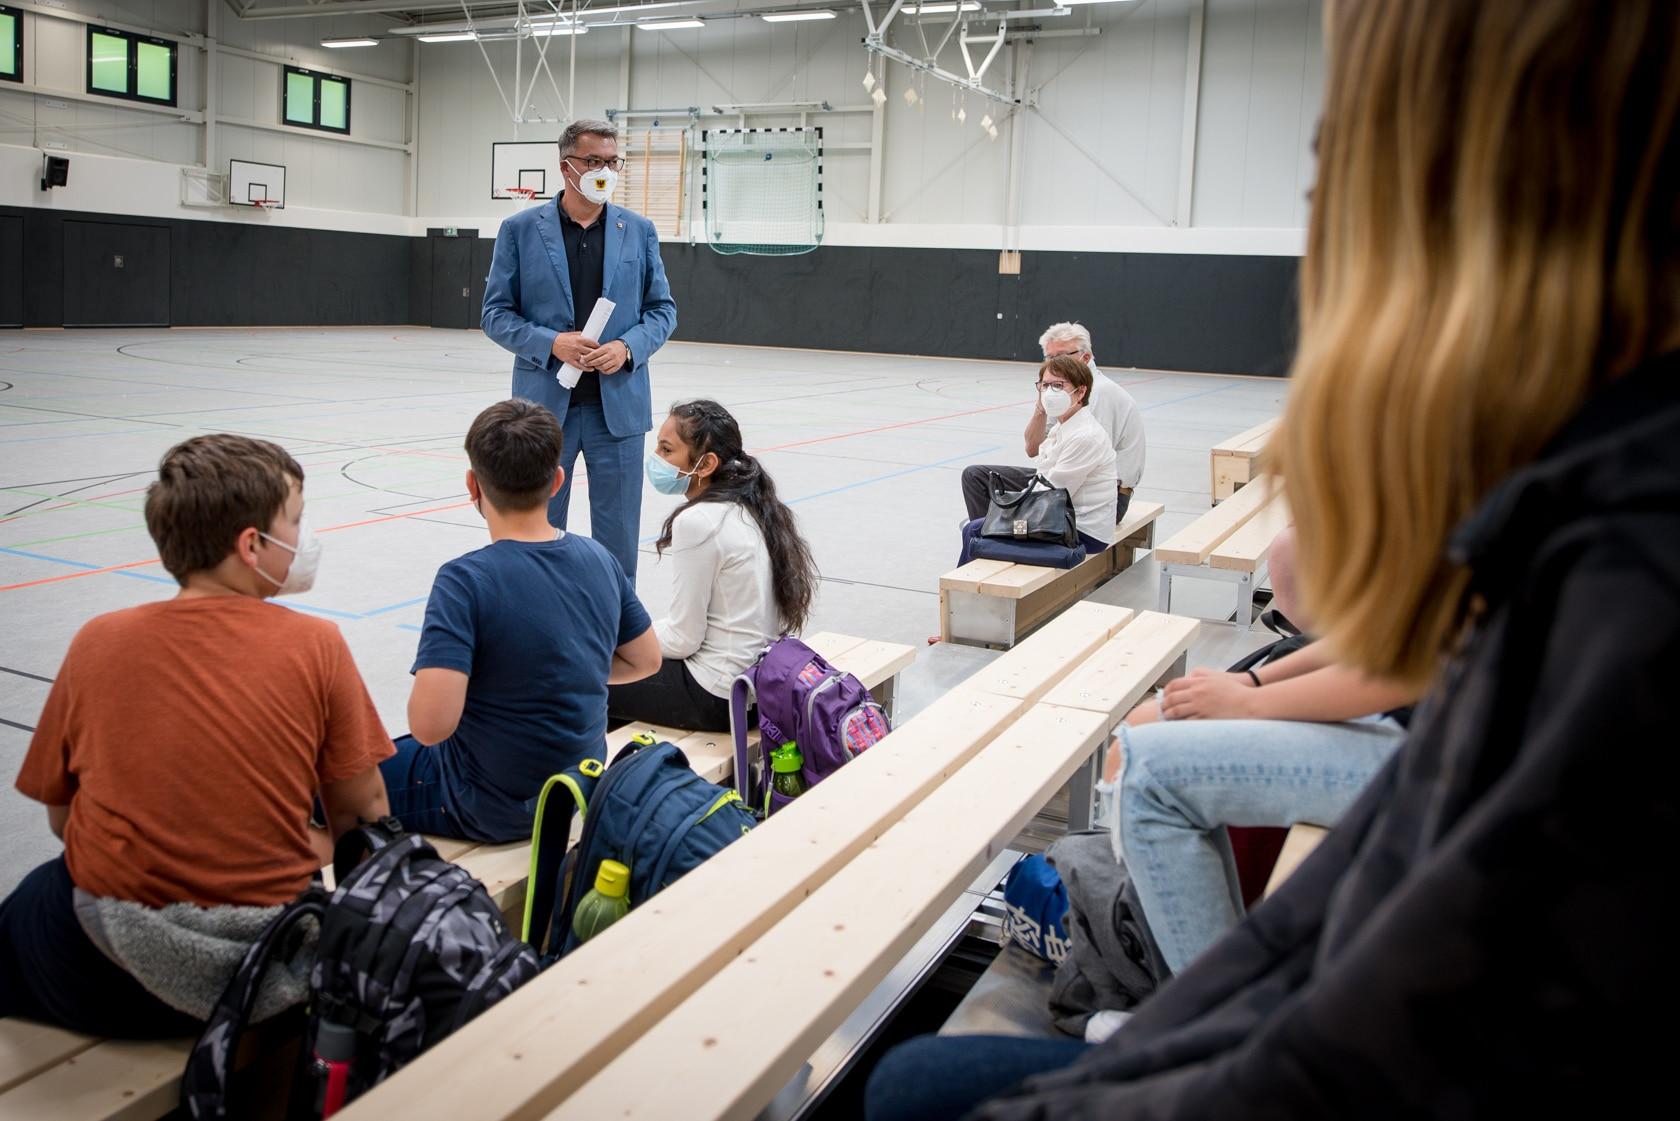 Millionenprogramm für Sport- und Turnhallen – OB Thomas Westphal übergibt Neubau der Dreifach-Halle in der Gartenstadt